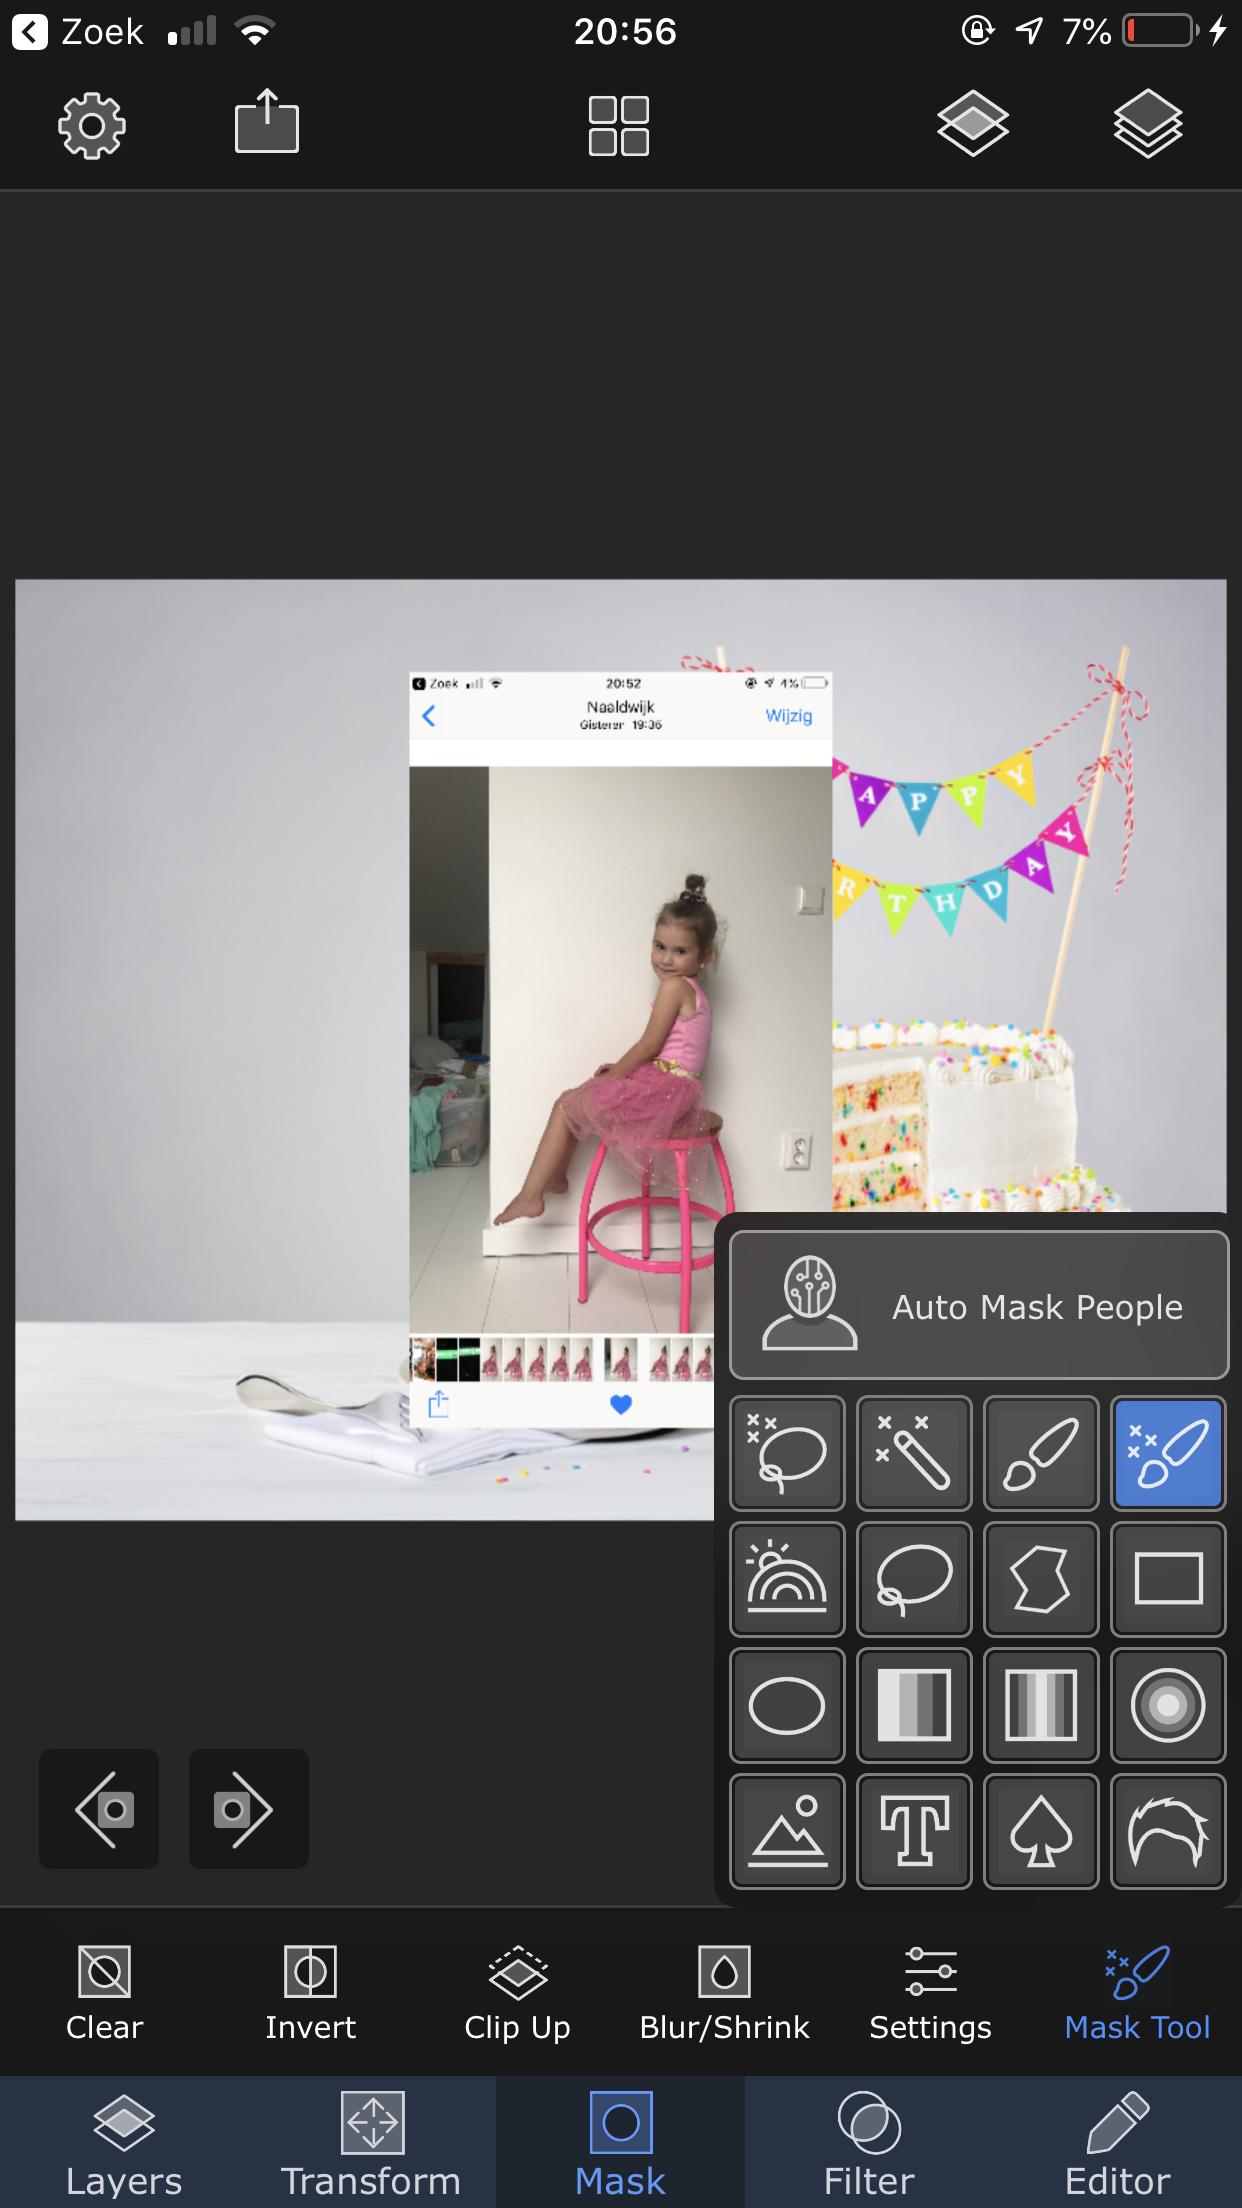 Superimpose smart brush